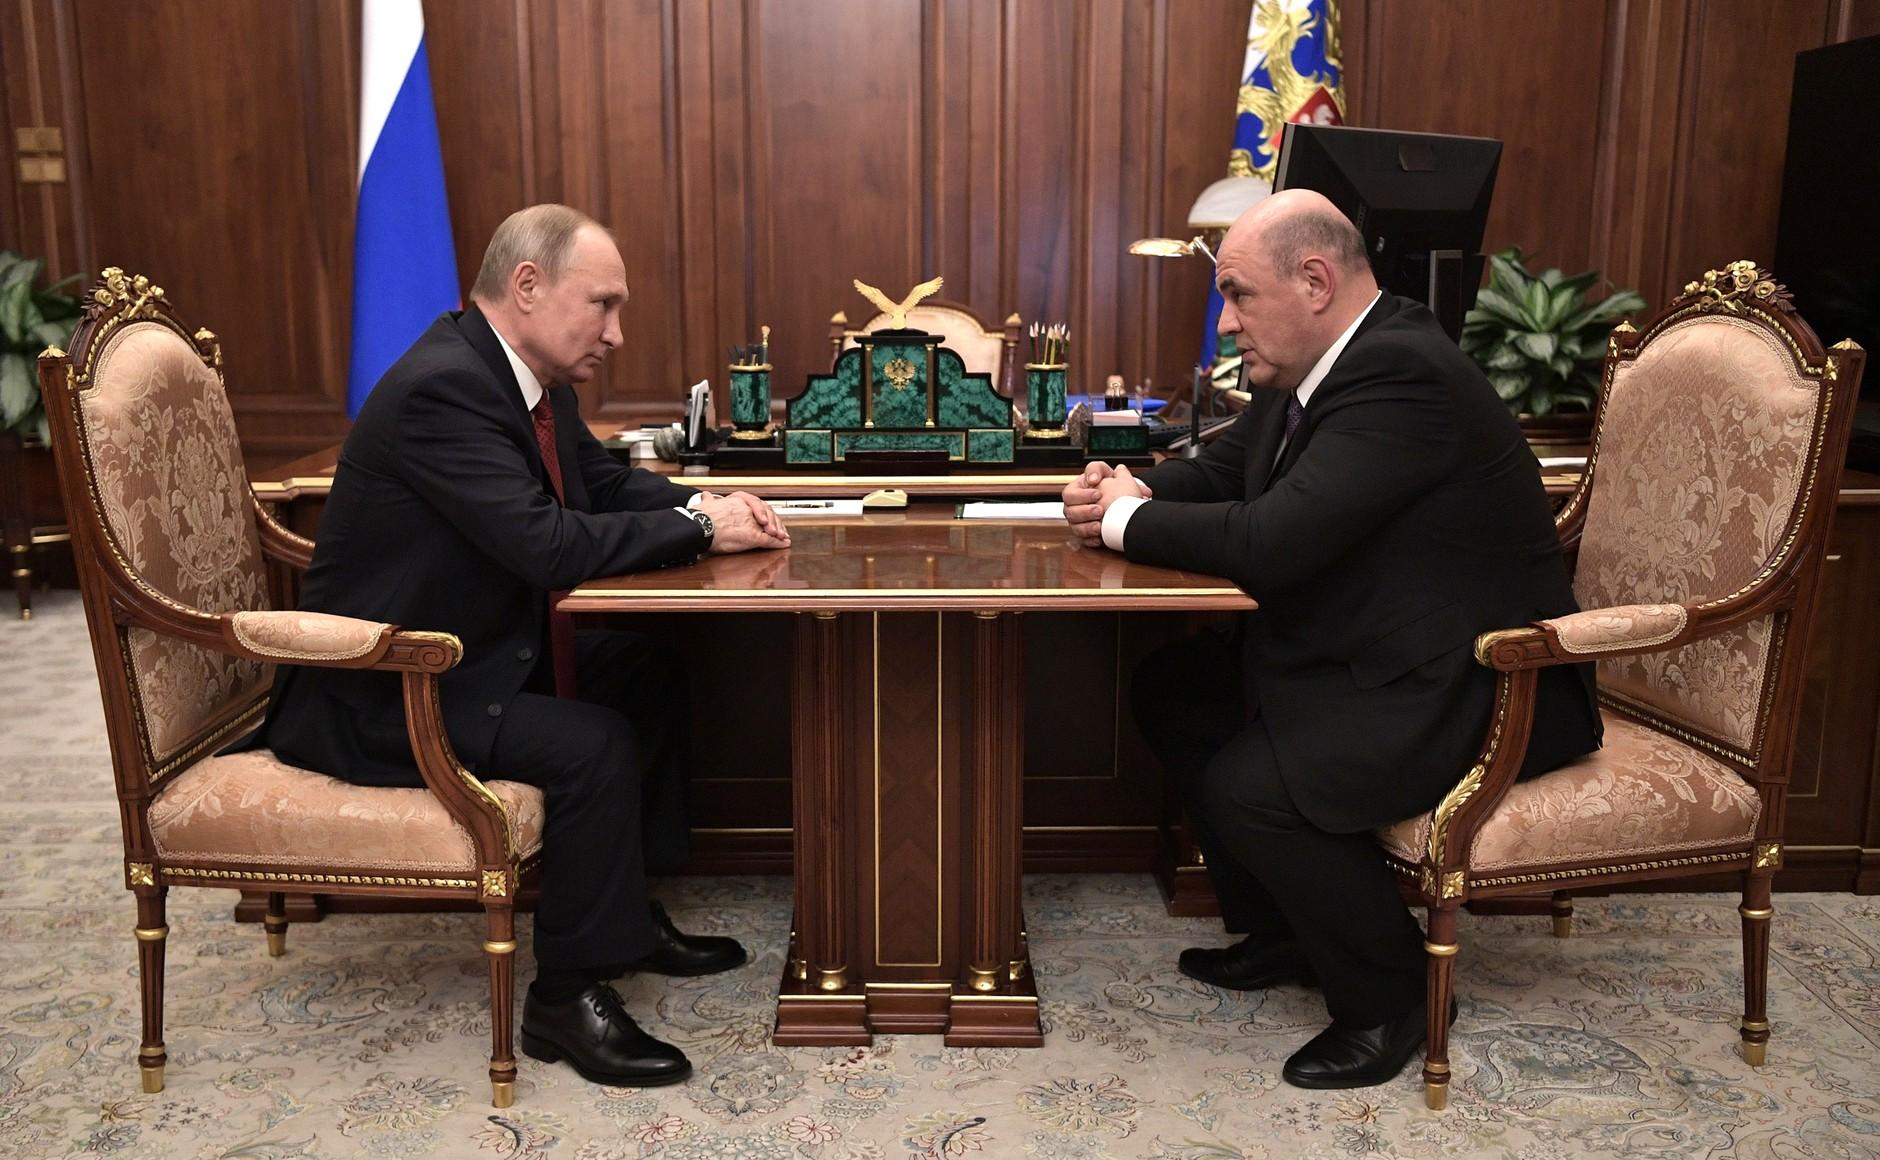 Новым председателем правительства РФ станет Михаил Мишустин